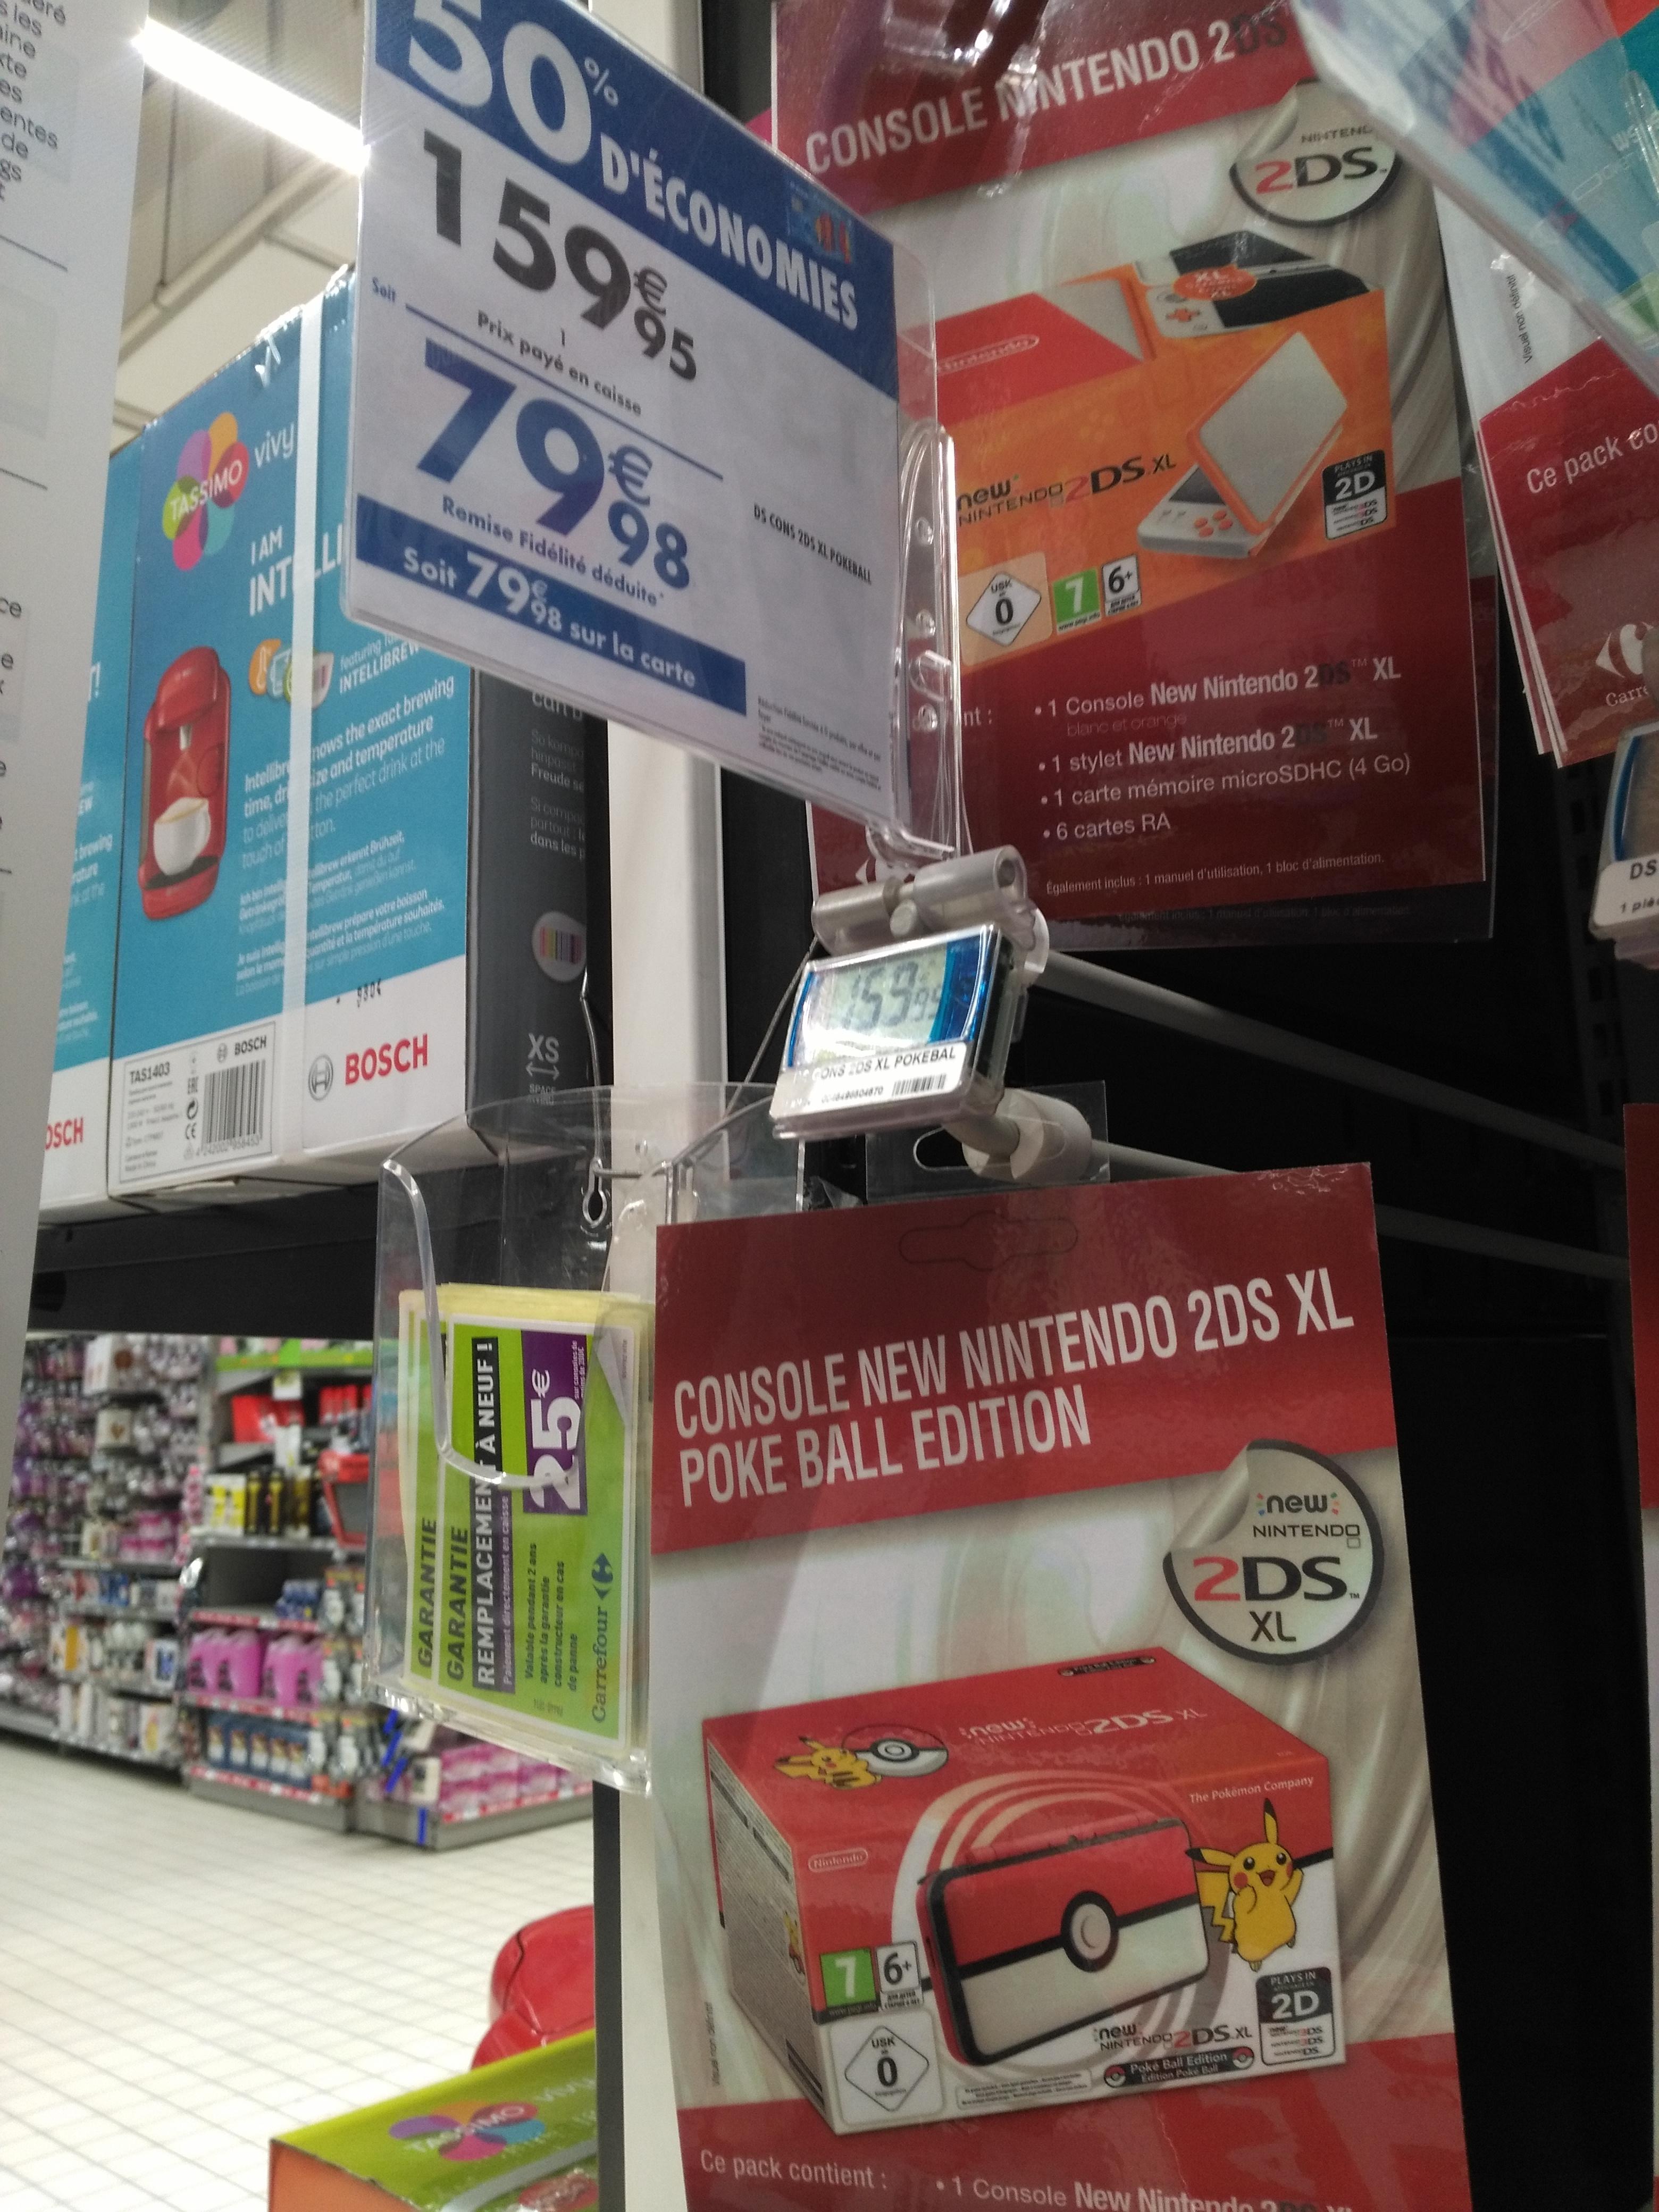 Console Nintendo 2DS XL Poke Ball Edition (via 79,98€ sur la carte fidélité) - Marseille Bonneveine (13)